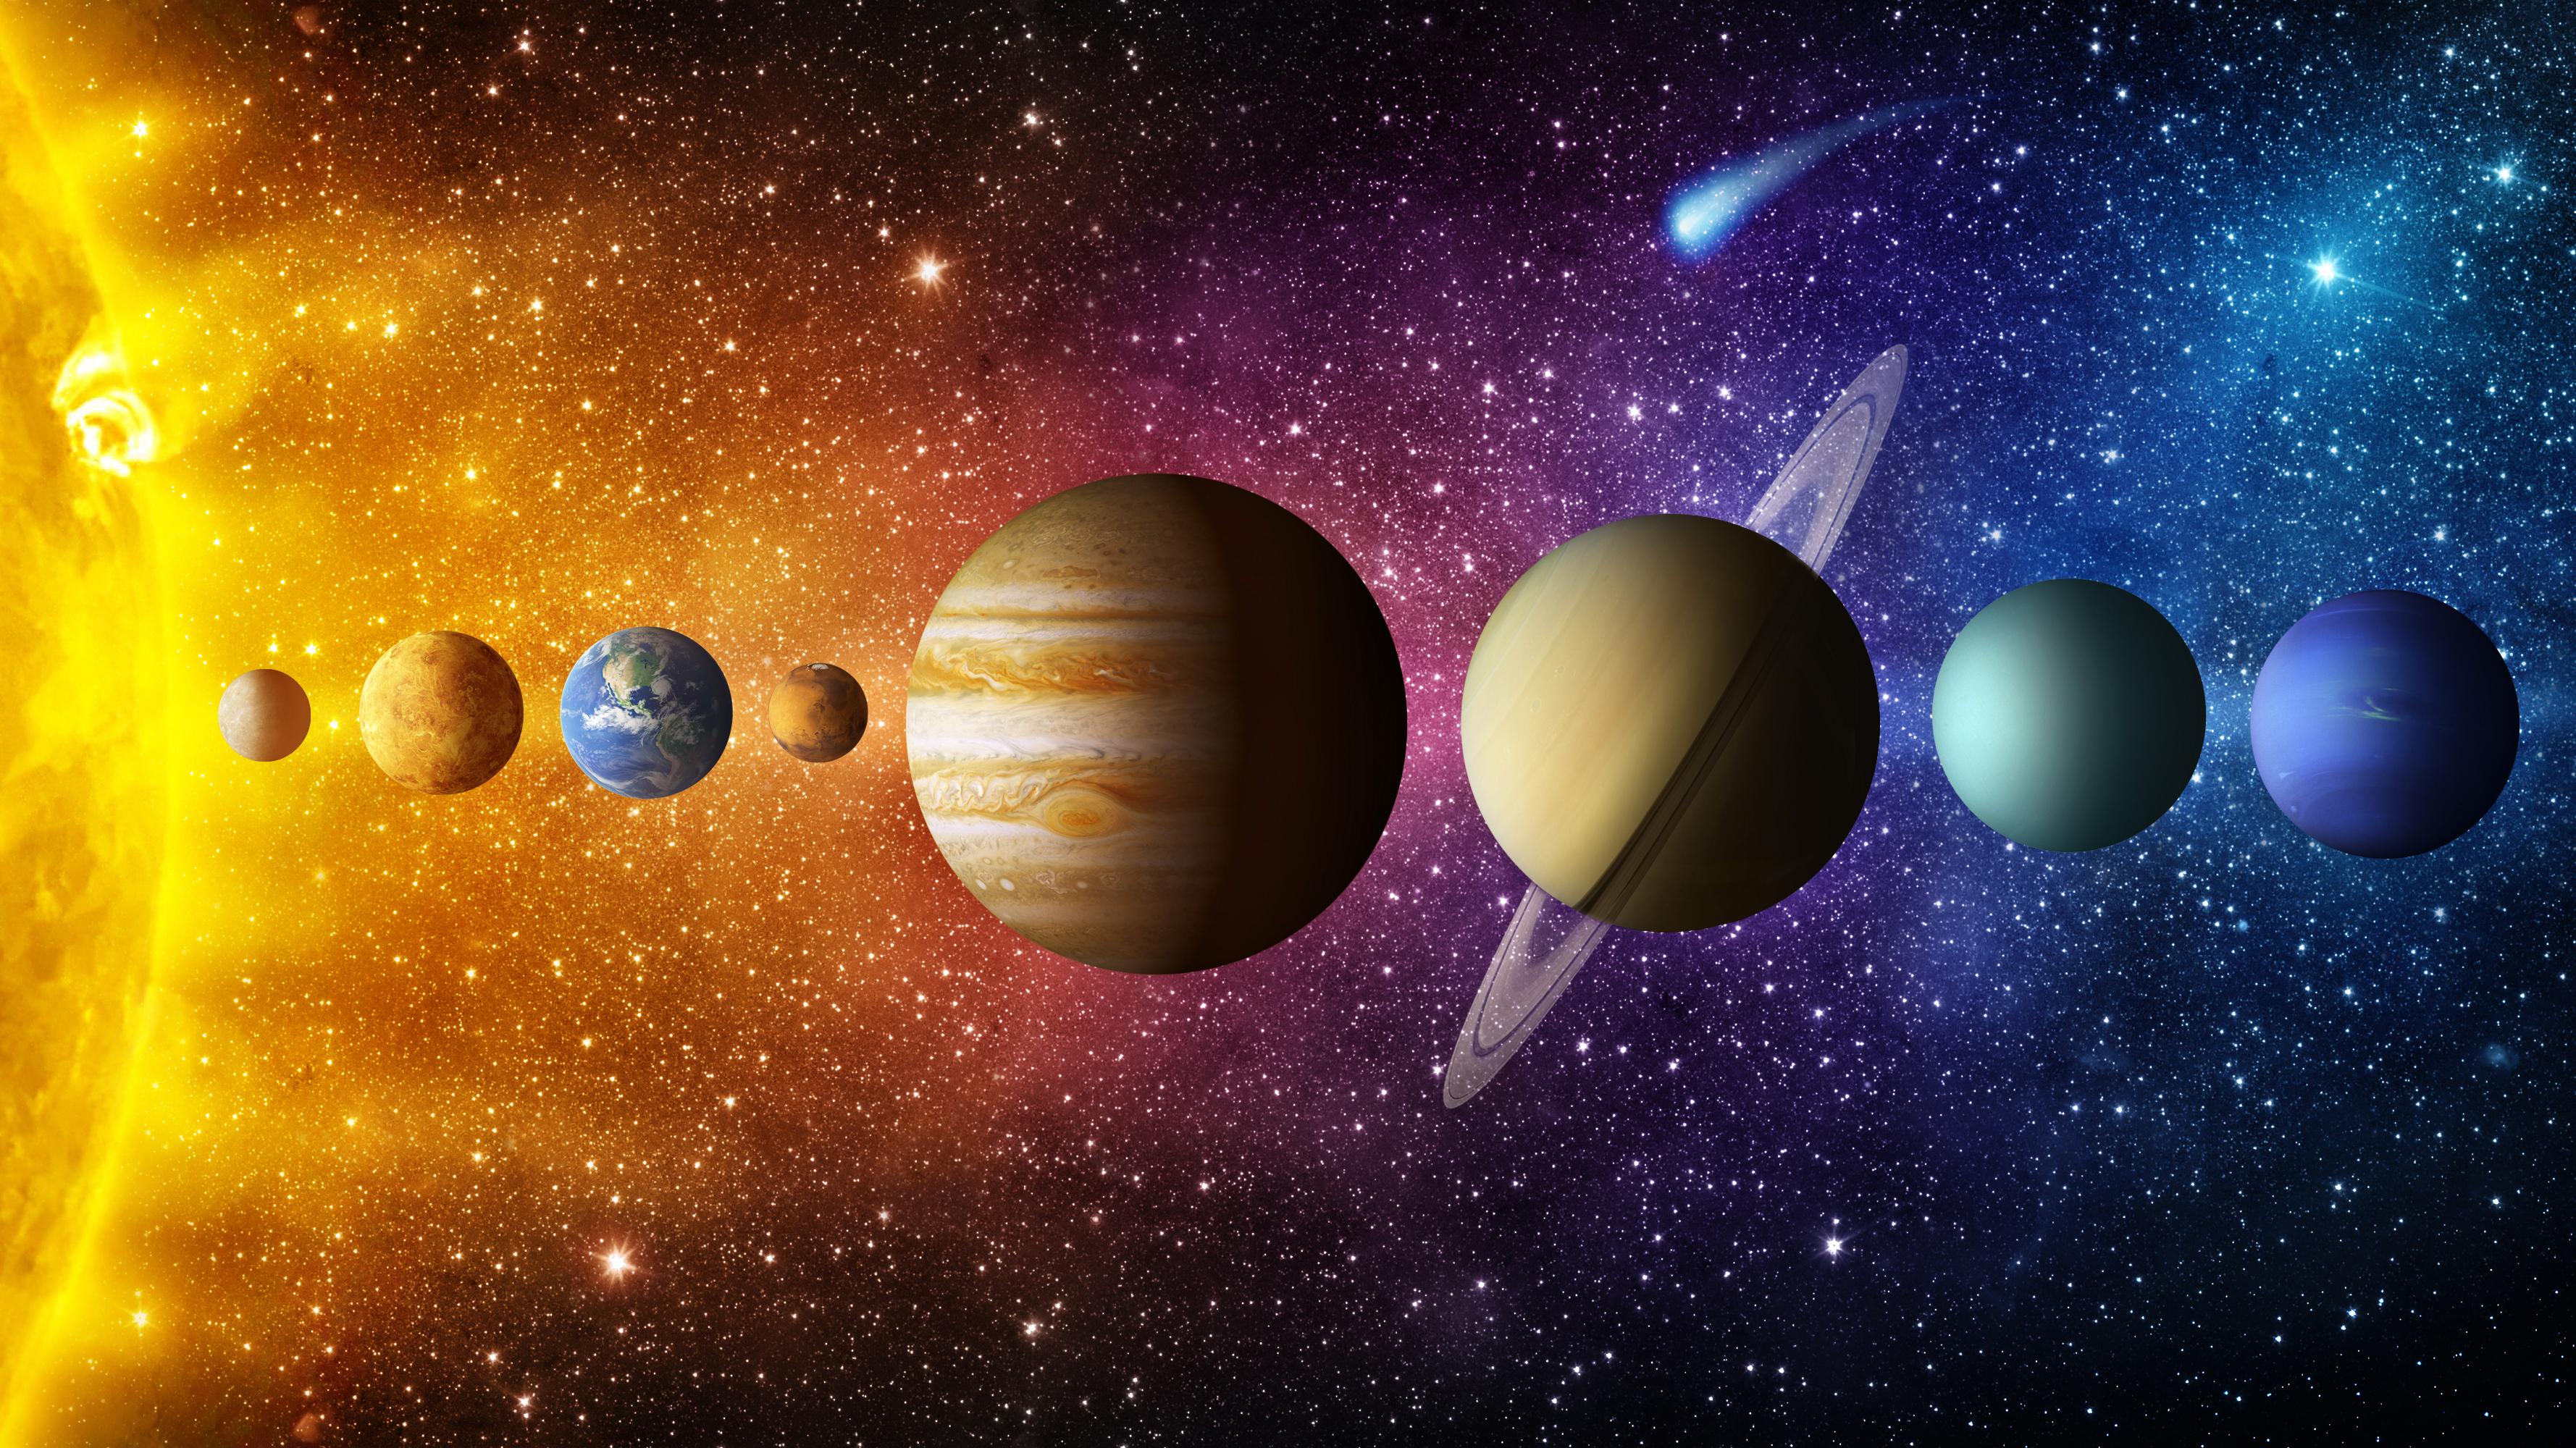 Planets, Planetary Positions, Planets Effects, Share Market, Market This Week, Punjab Kesari, Planets in hindi, Grahon Ko Jane, Dharm, Market Effects, Jyotish Gyan, Grahon Ki Jankari, ज्योतिष, ग्रह नक्षत्र, Kundli Tv